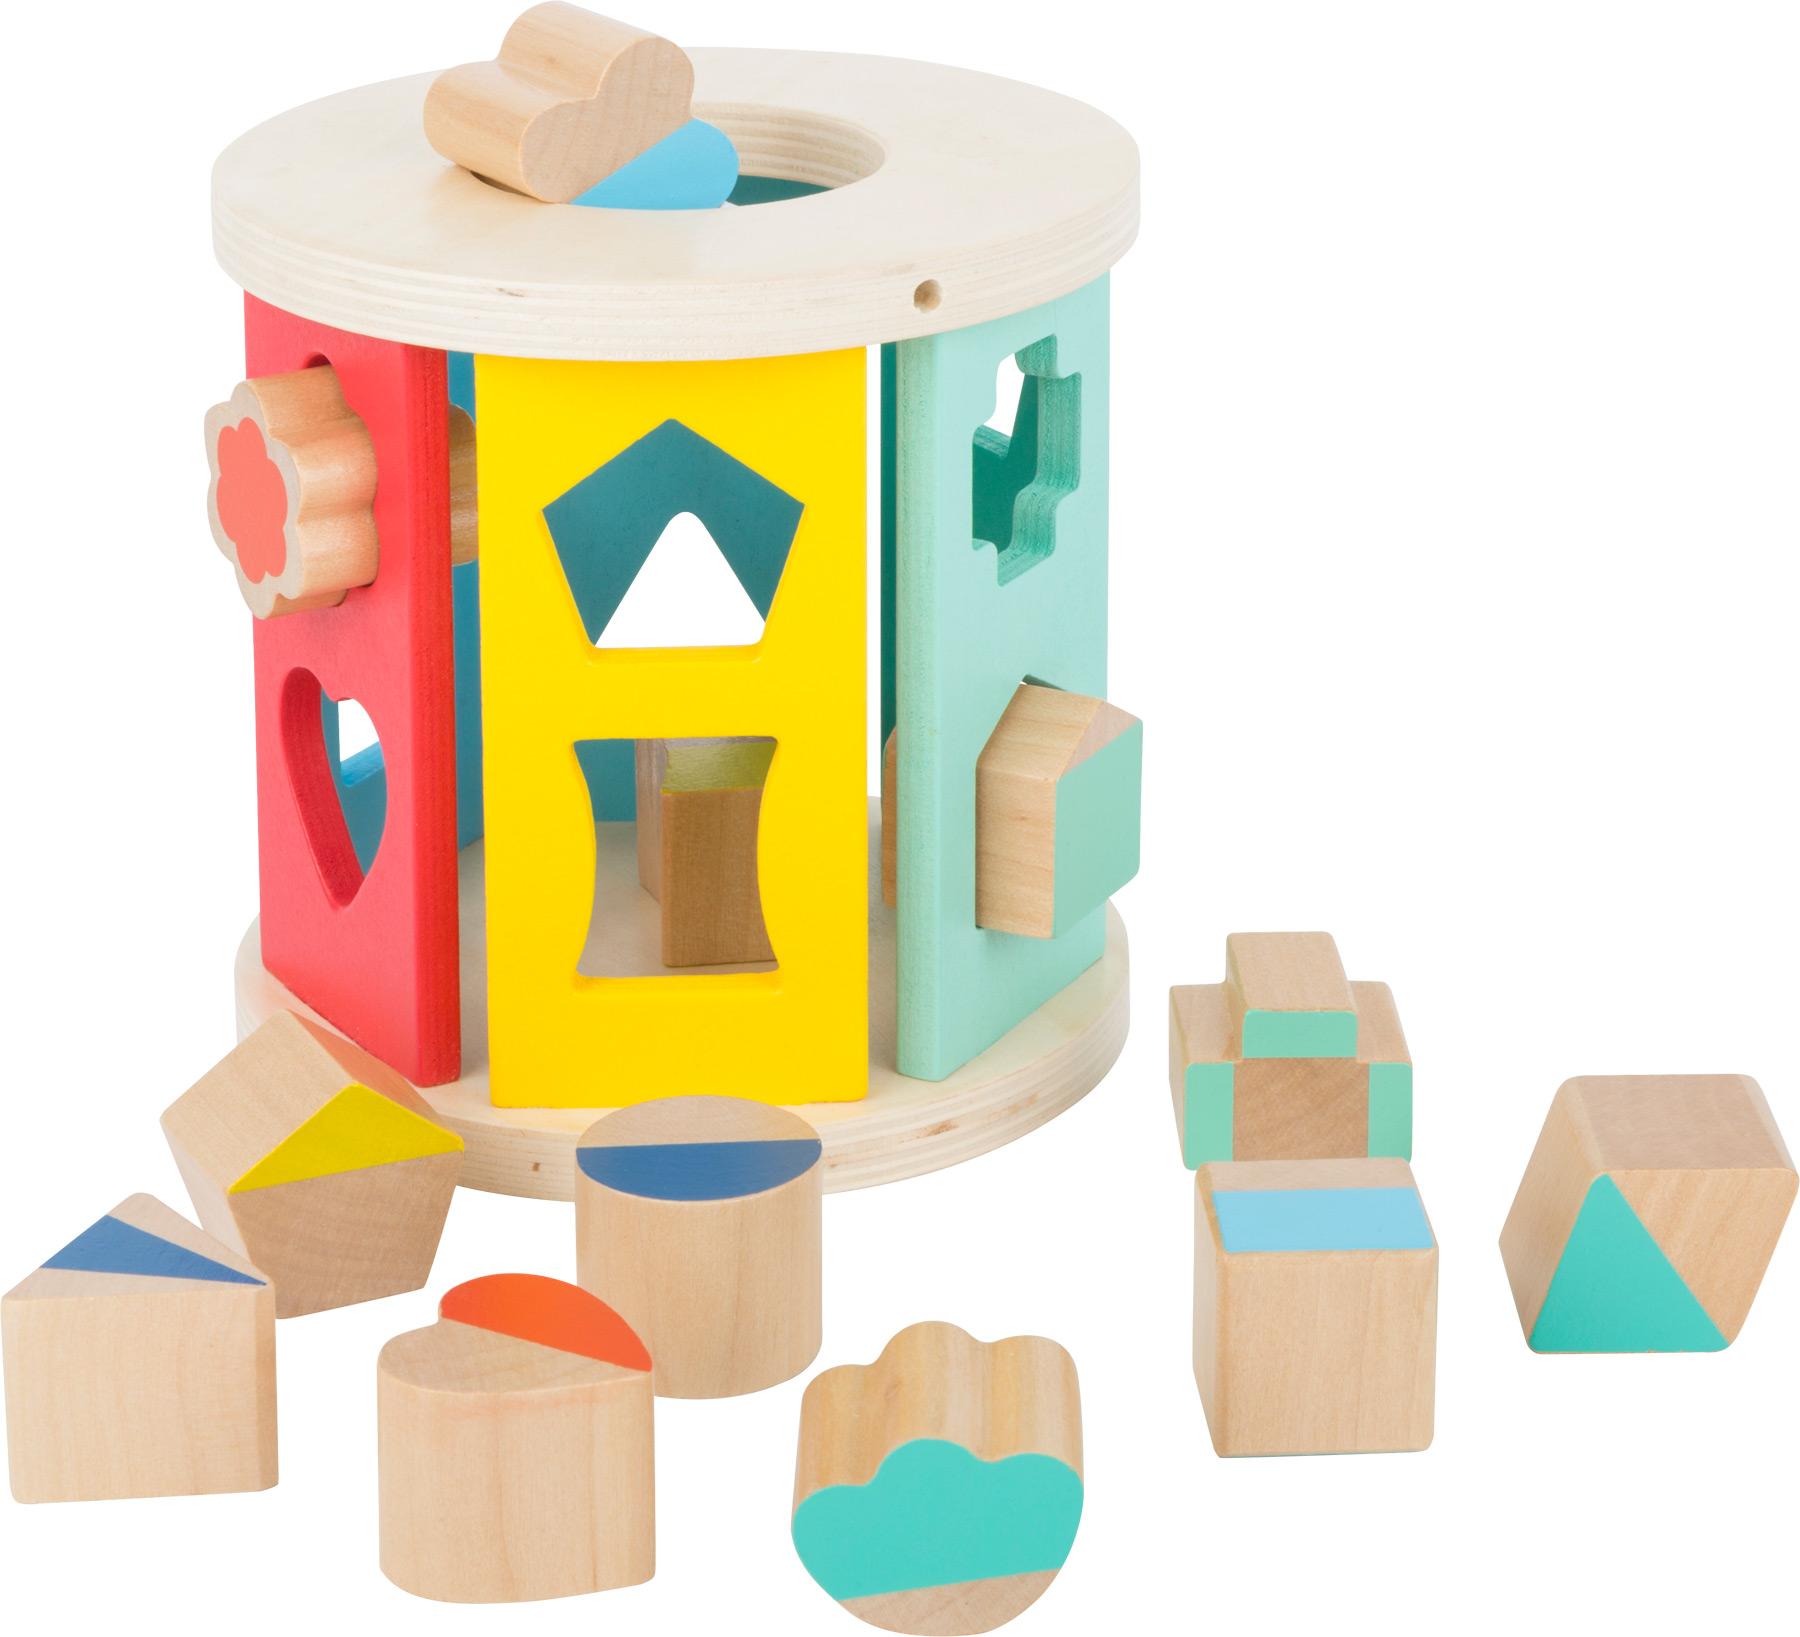 Cubos de Encaixe [madeira]